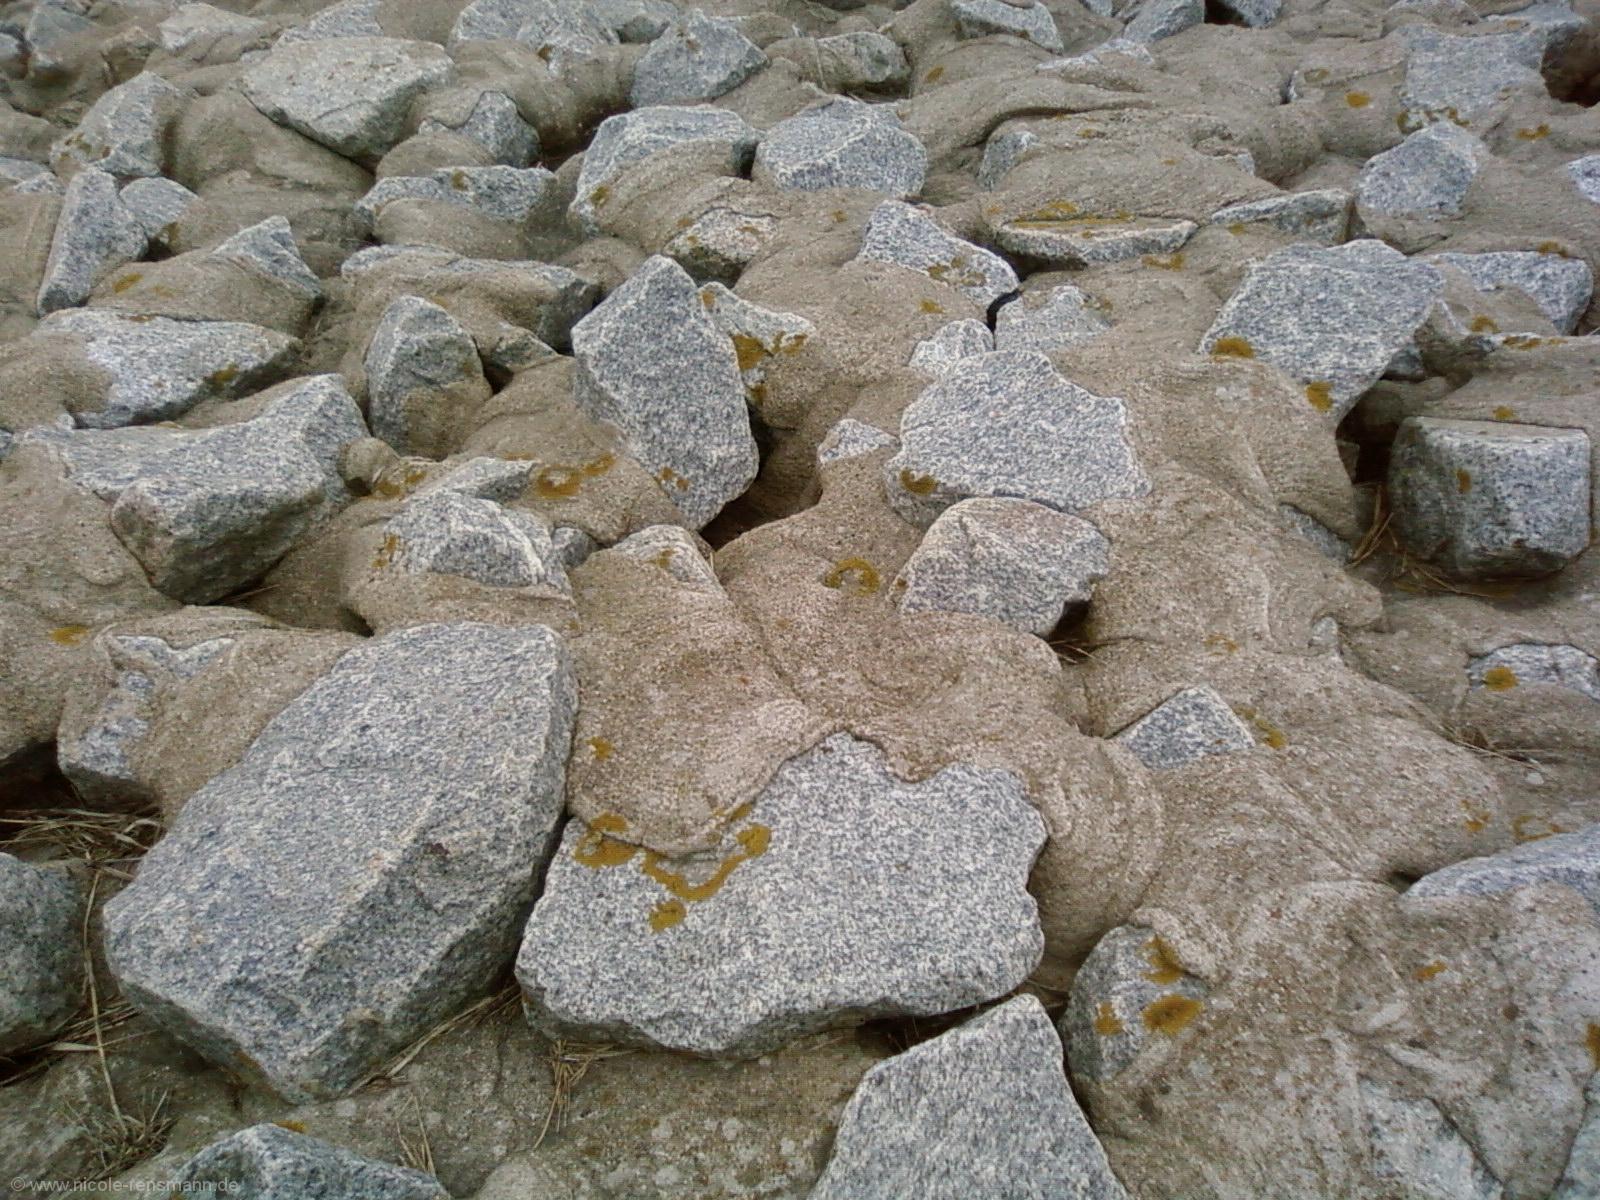 Versteinerter Sand